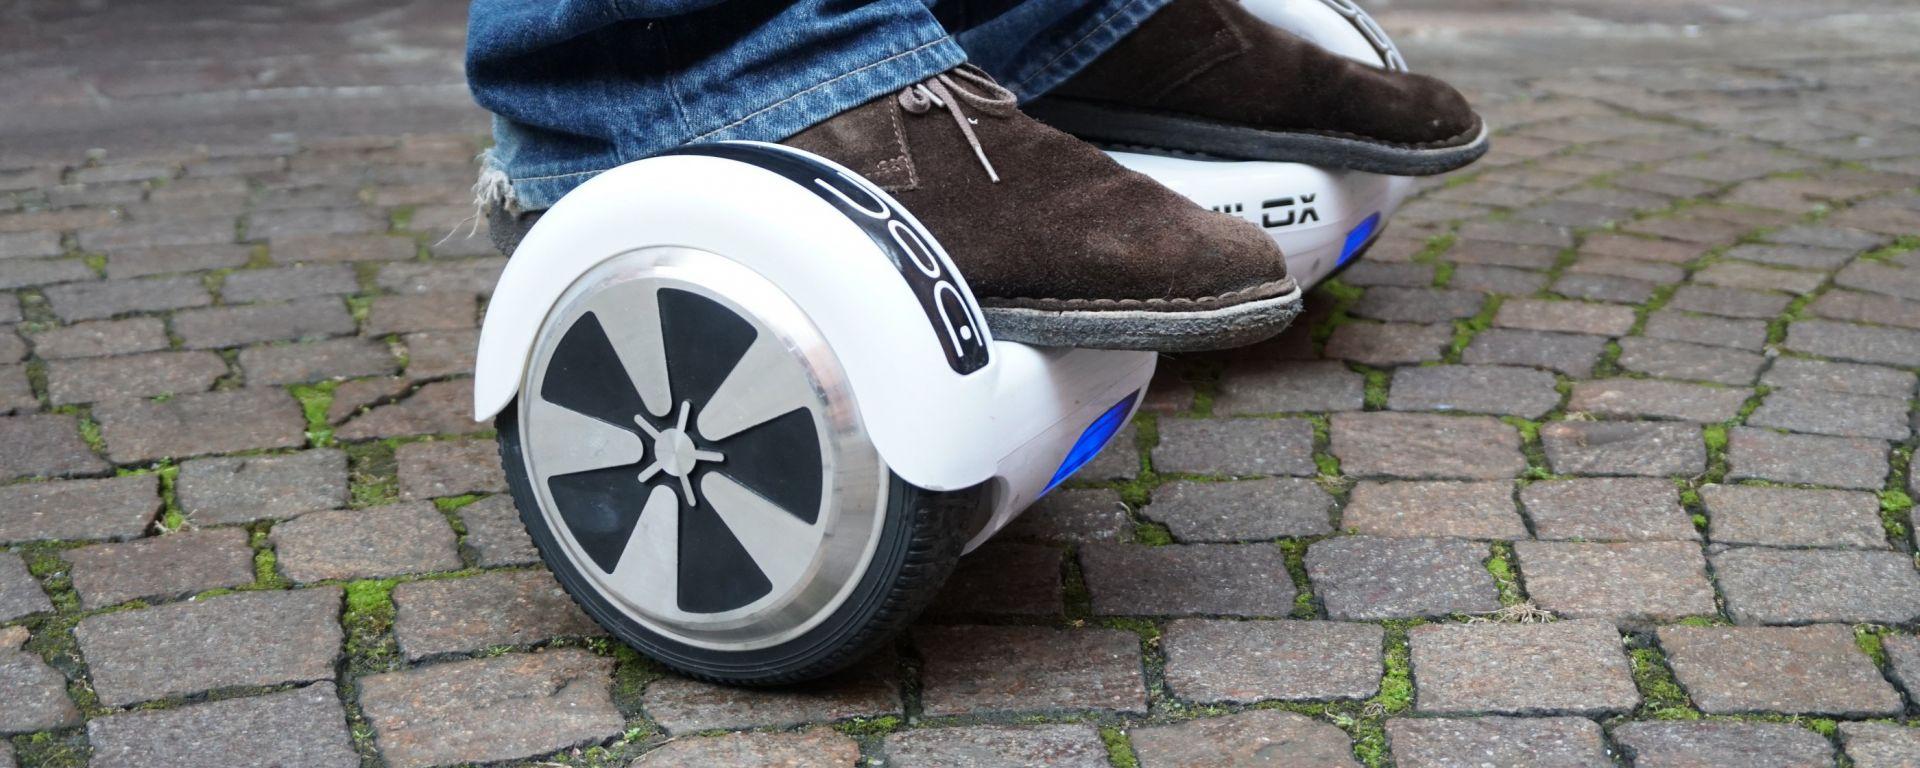 Nilox Doc Hoverboard: le ruote misurano 6,5 pollici